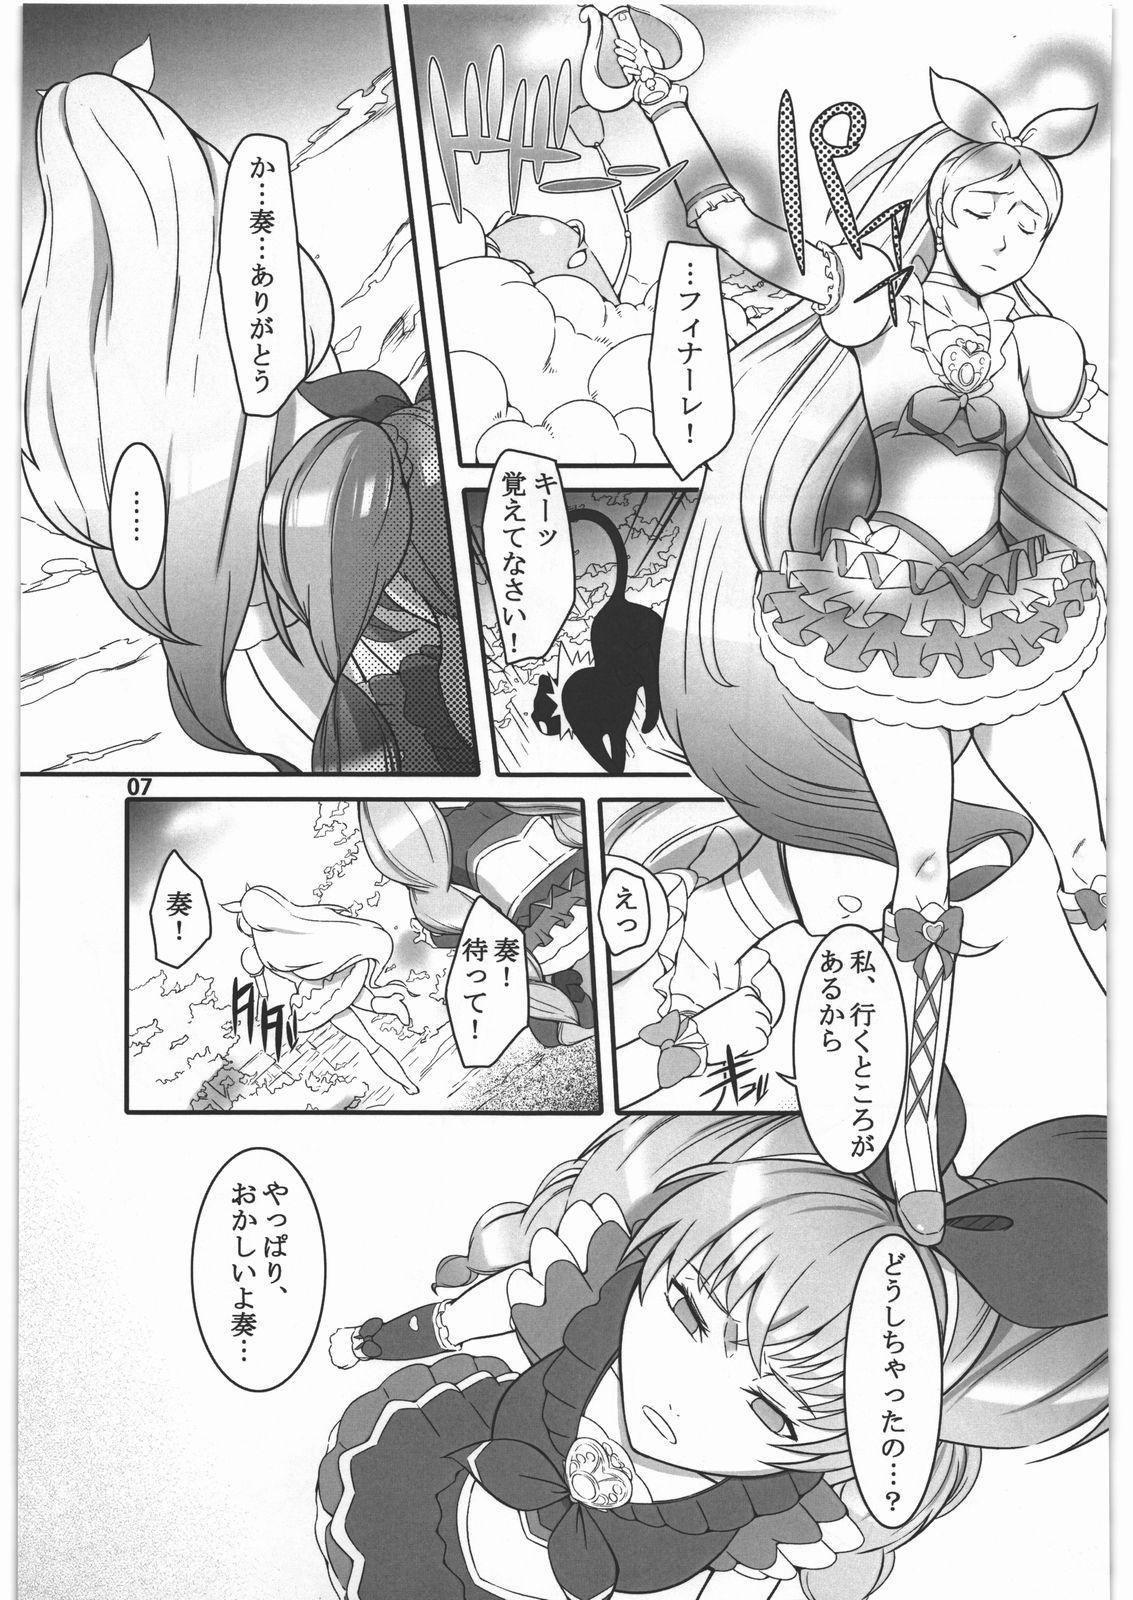 Shichinenme no Uwaki 5